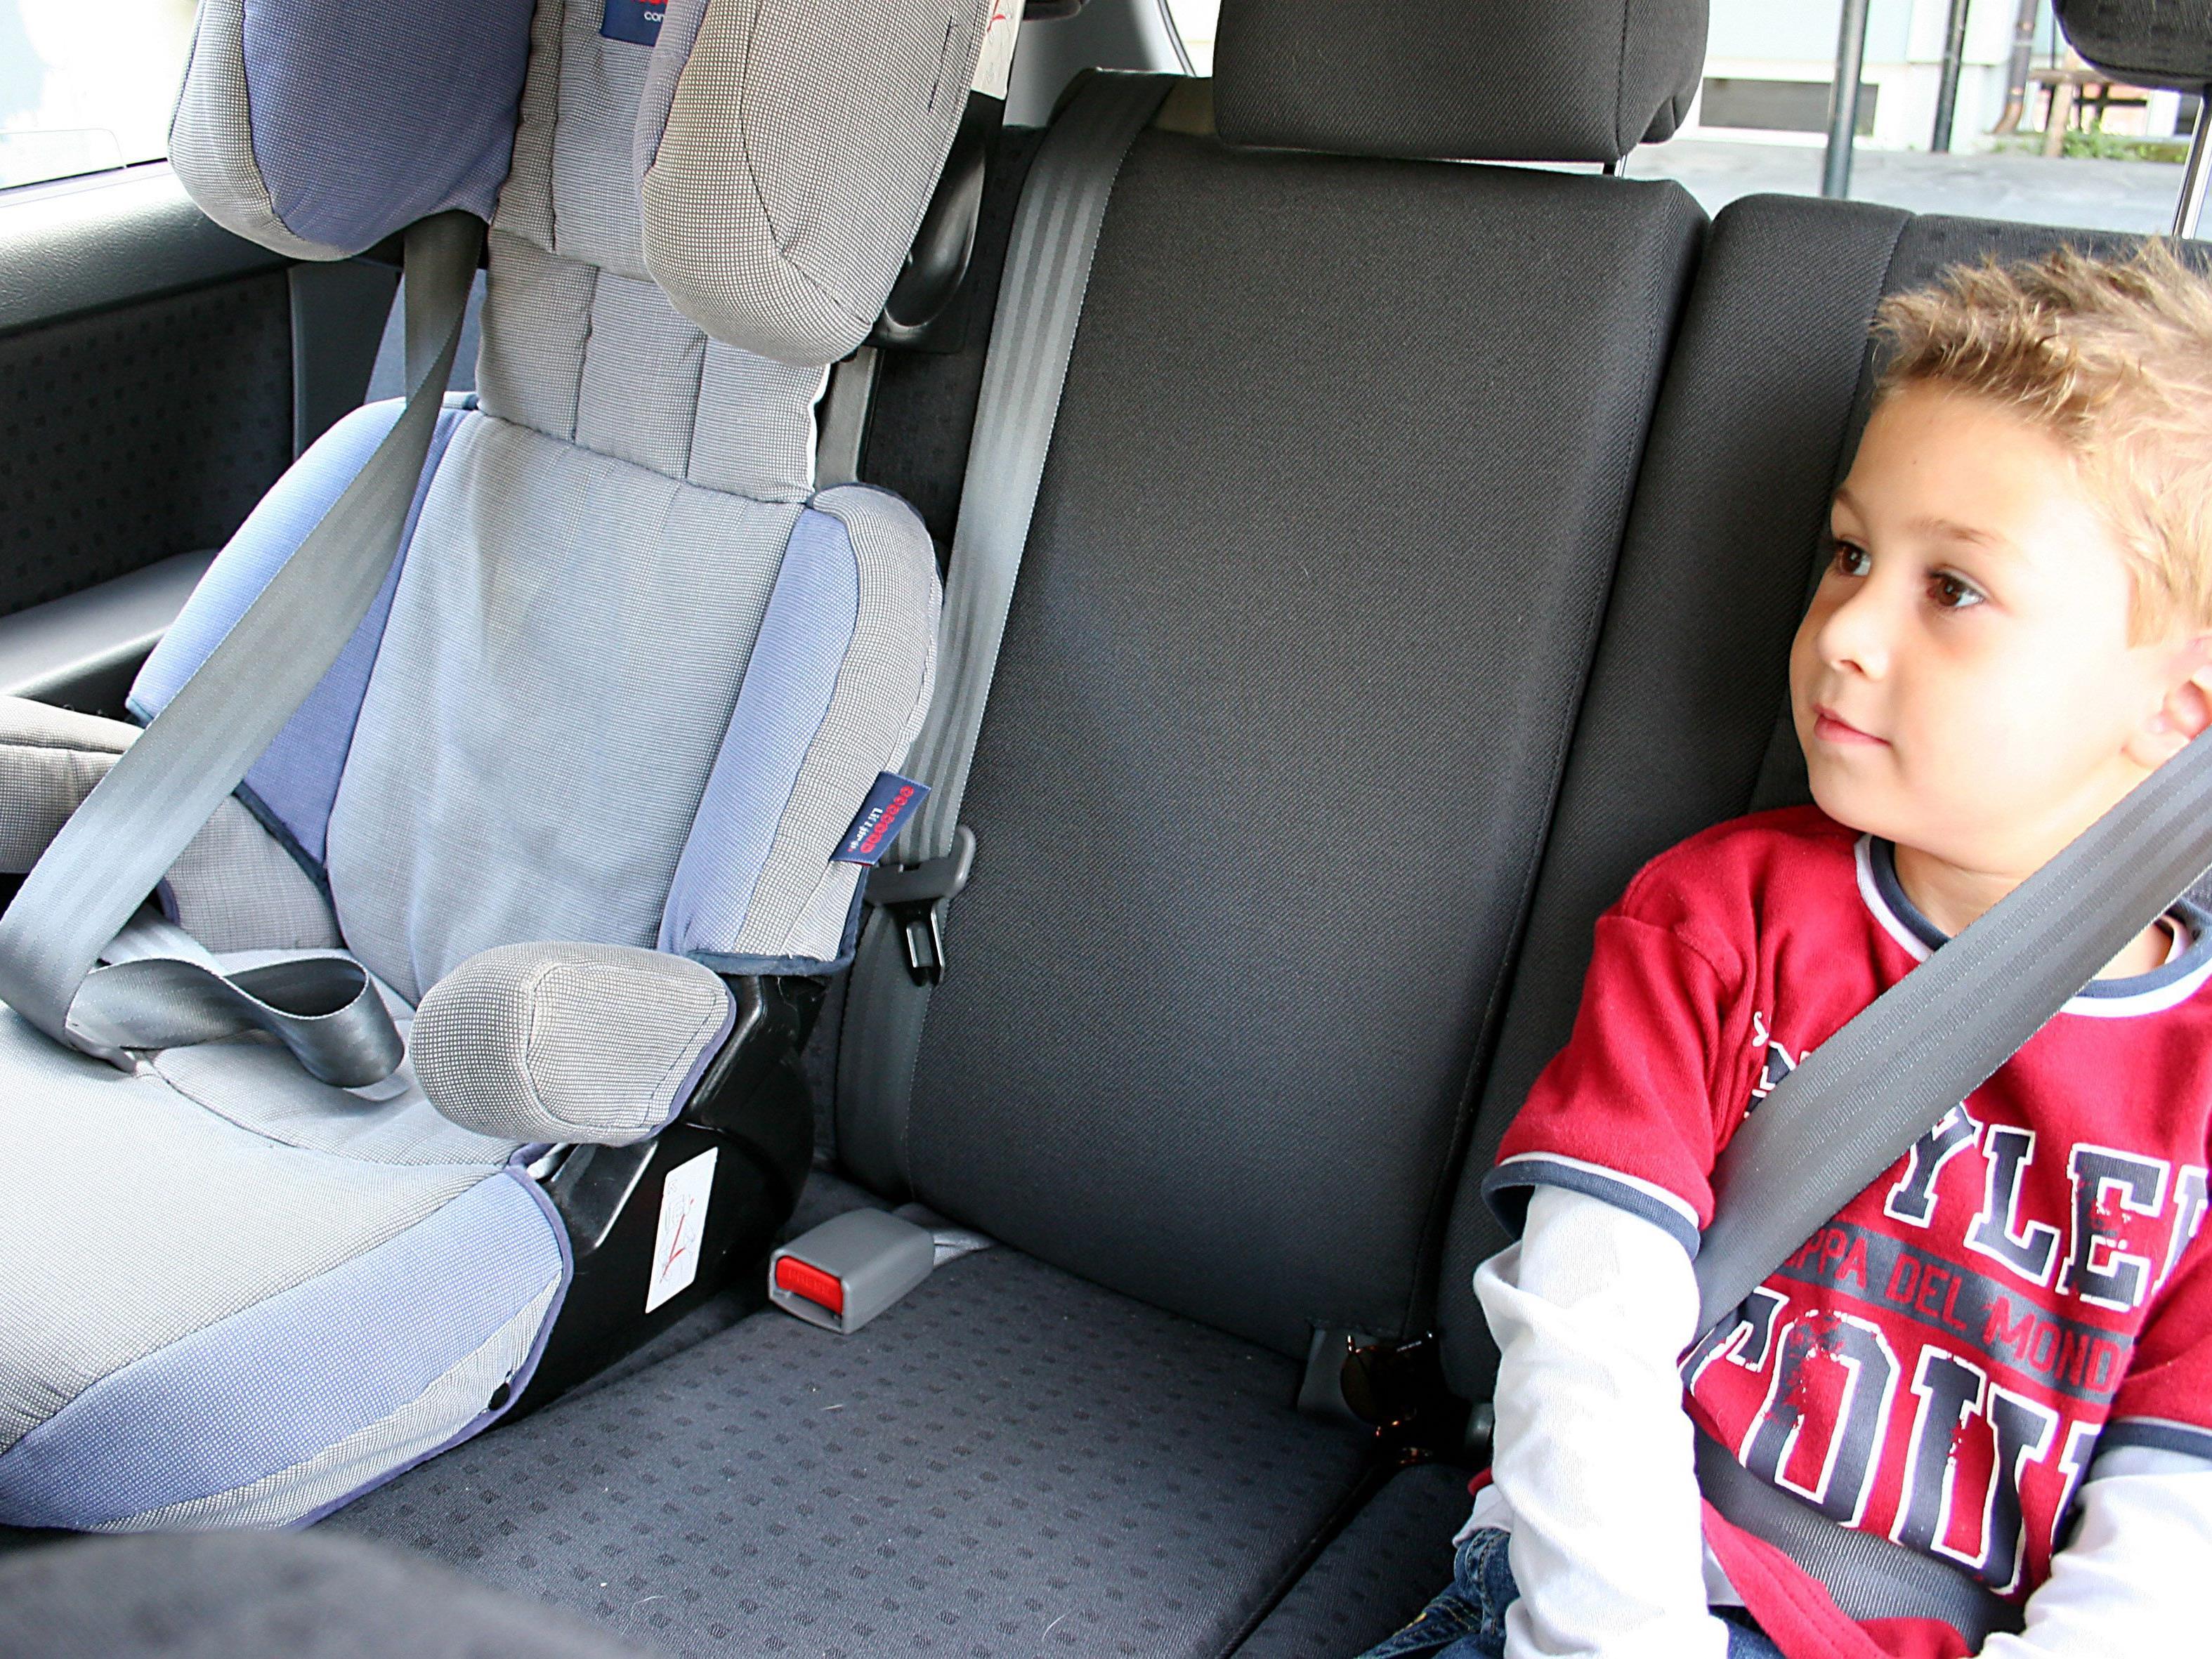 Die Kinder konnten wohlauf aus dem heißen Auto befreit werden.